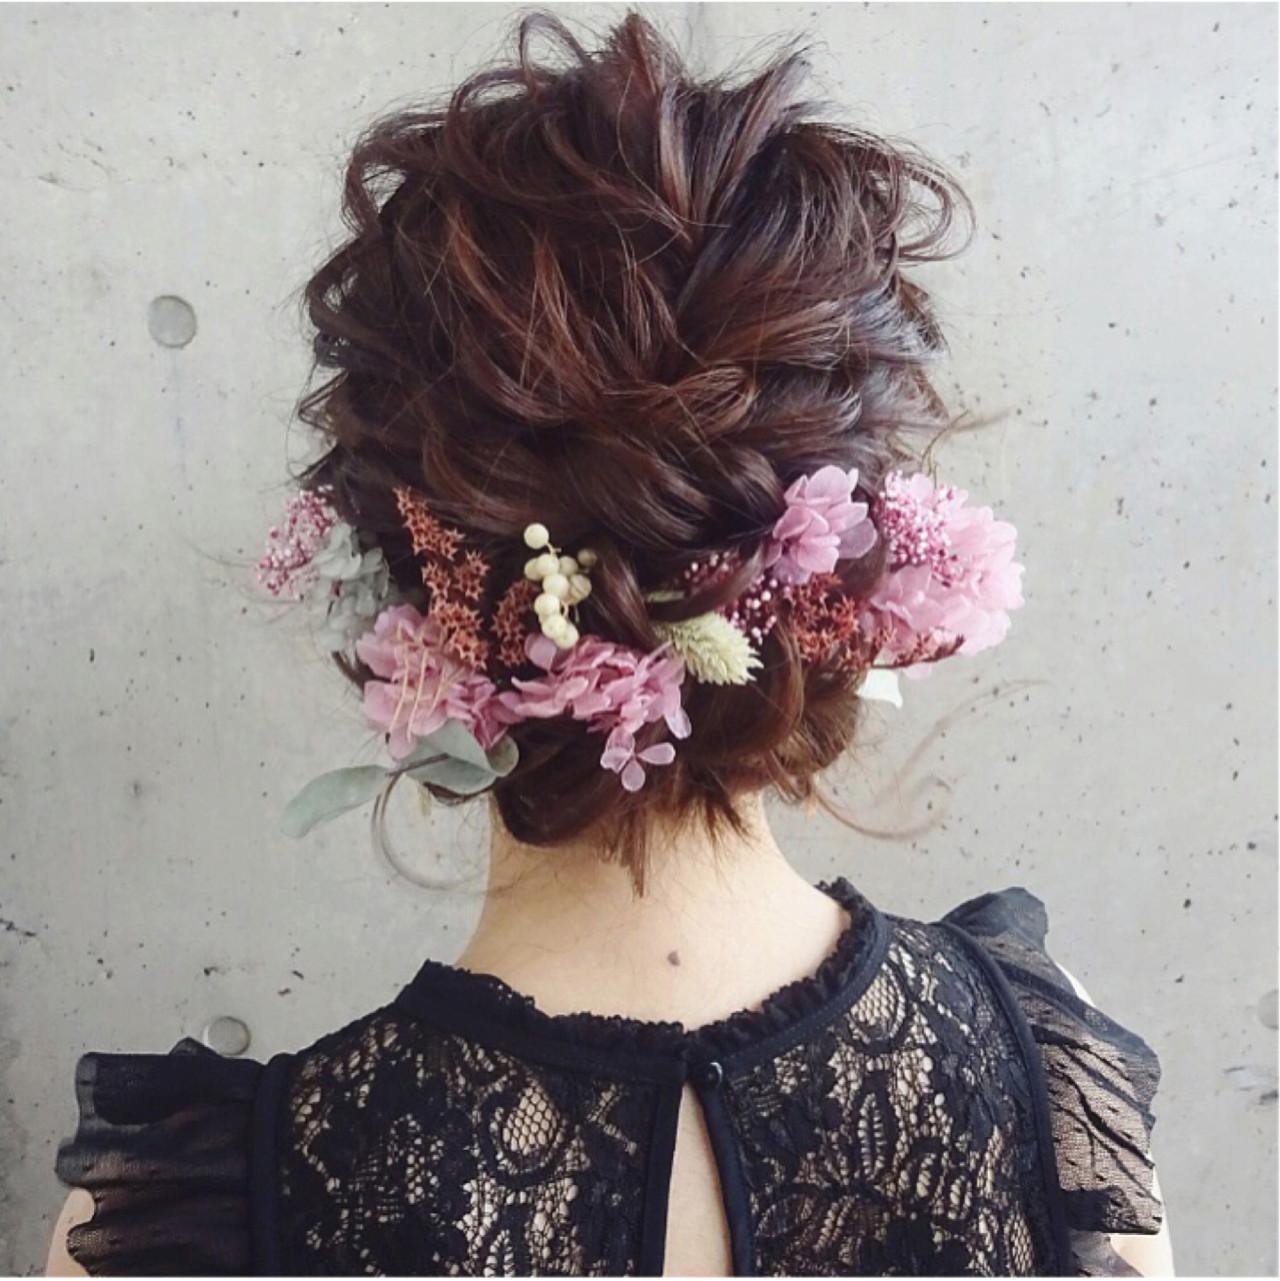 イベント事のドレスにあわせた髪型は豪華めに。いつもと違う自分になっちゃおう